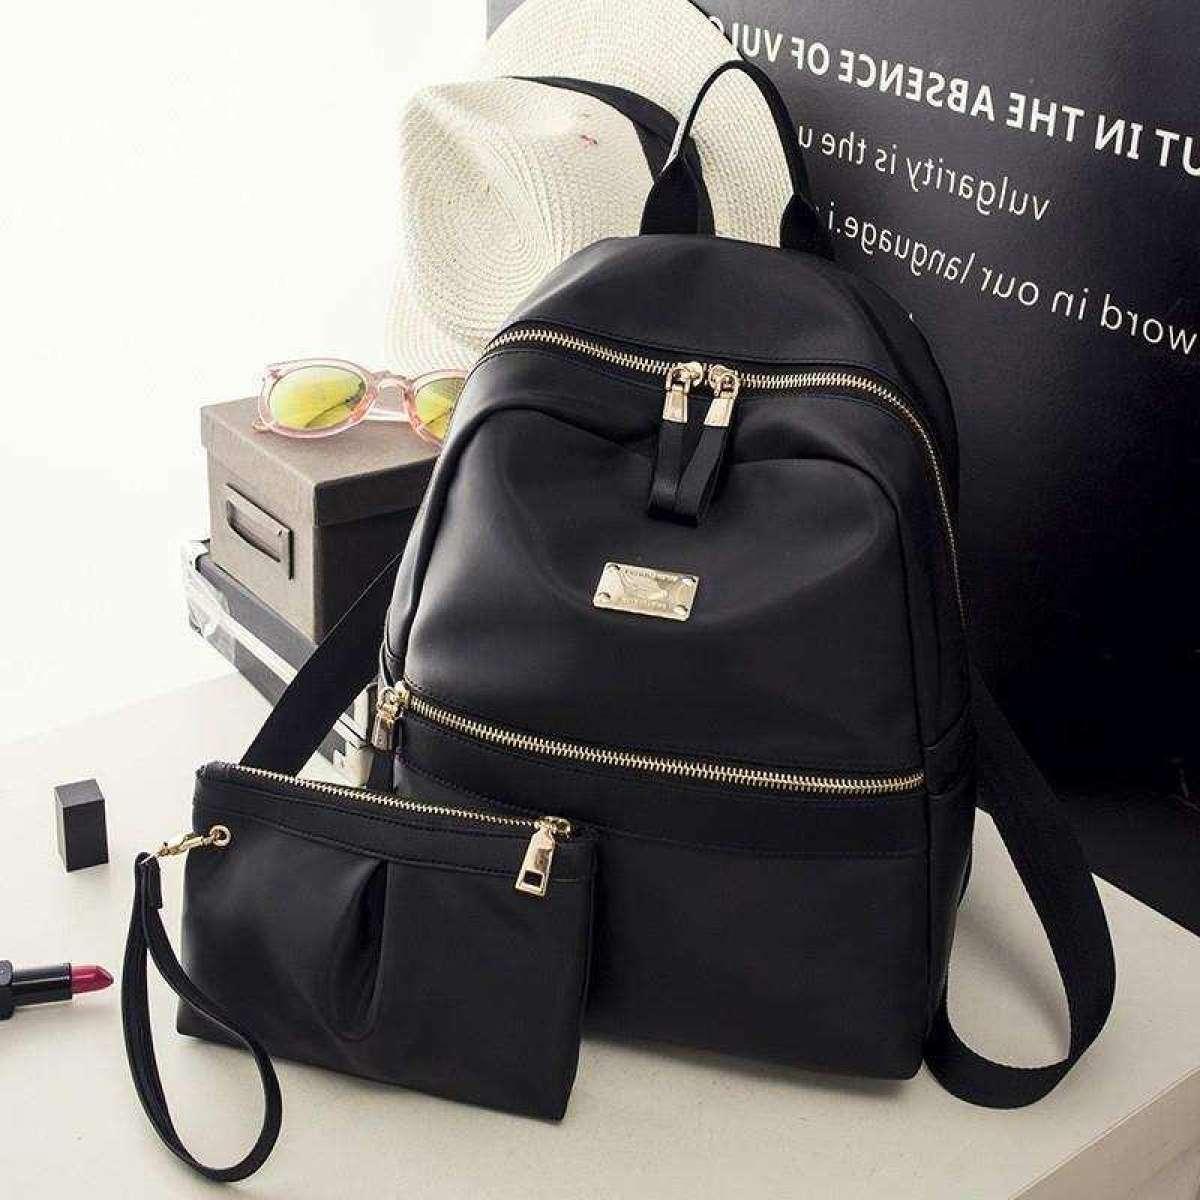 Жіночий рюкзак 2021, міський практичний рюкзак чорного кольору, AL-2542-10